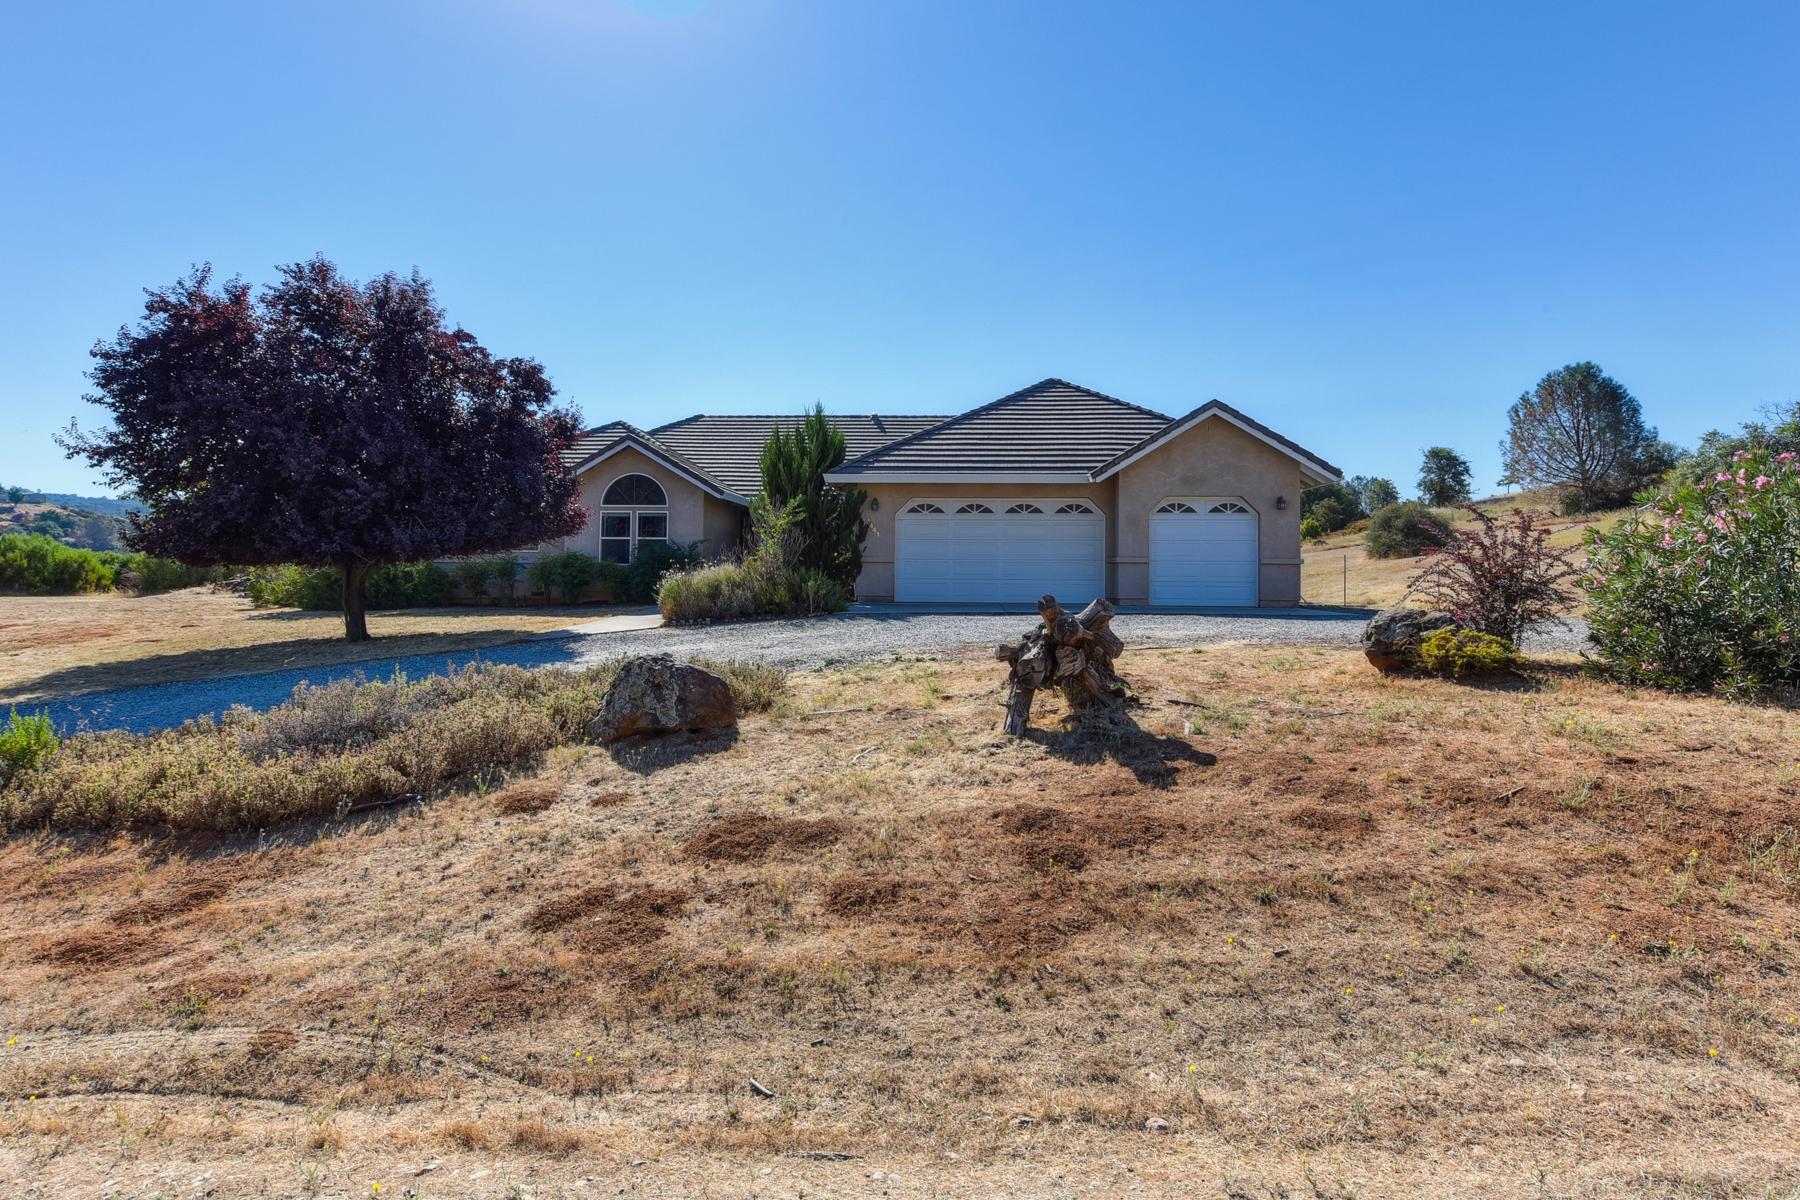 Частный односемейный дом для того Продажа на 1441 Rio Tierra Ct, Placerville, CA 95667 Placerville, Калифорния, 95667 Соединенные Штаты